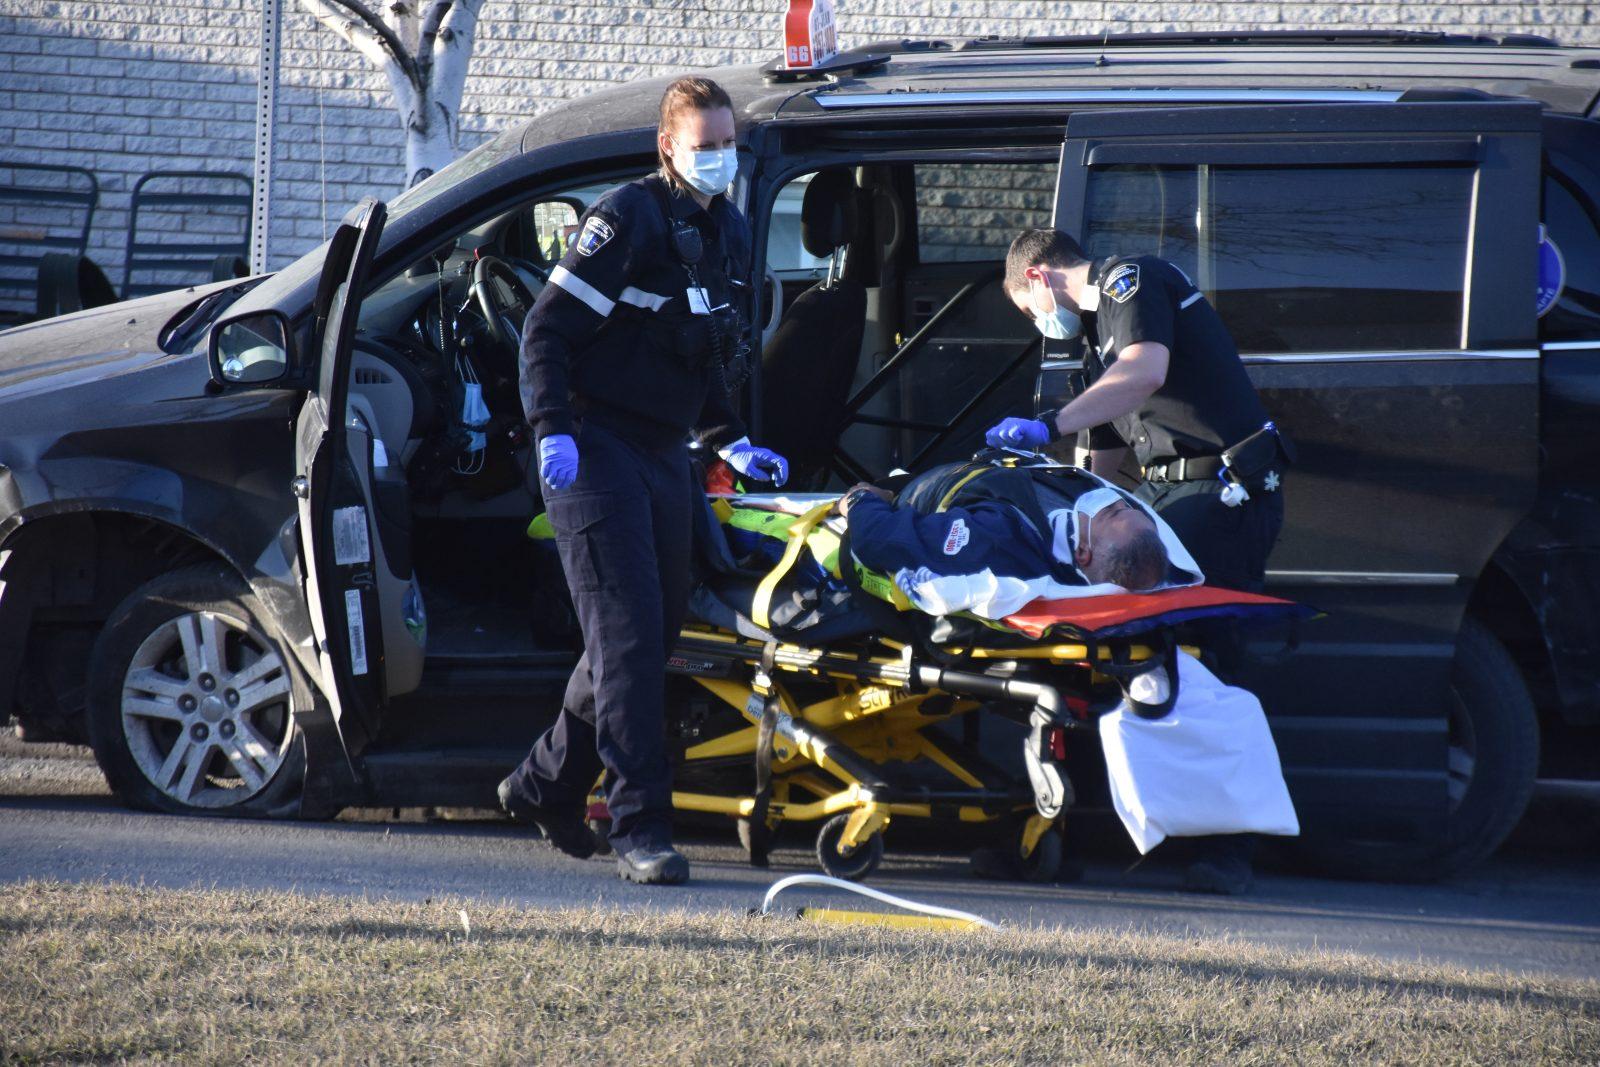 Un chauffeur de taxi blessé dans un accident